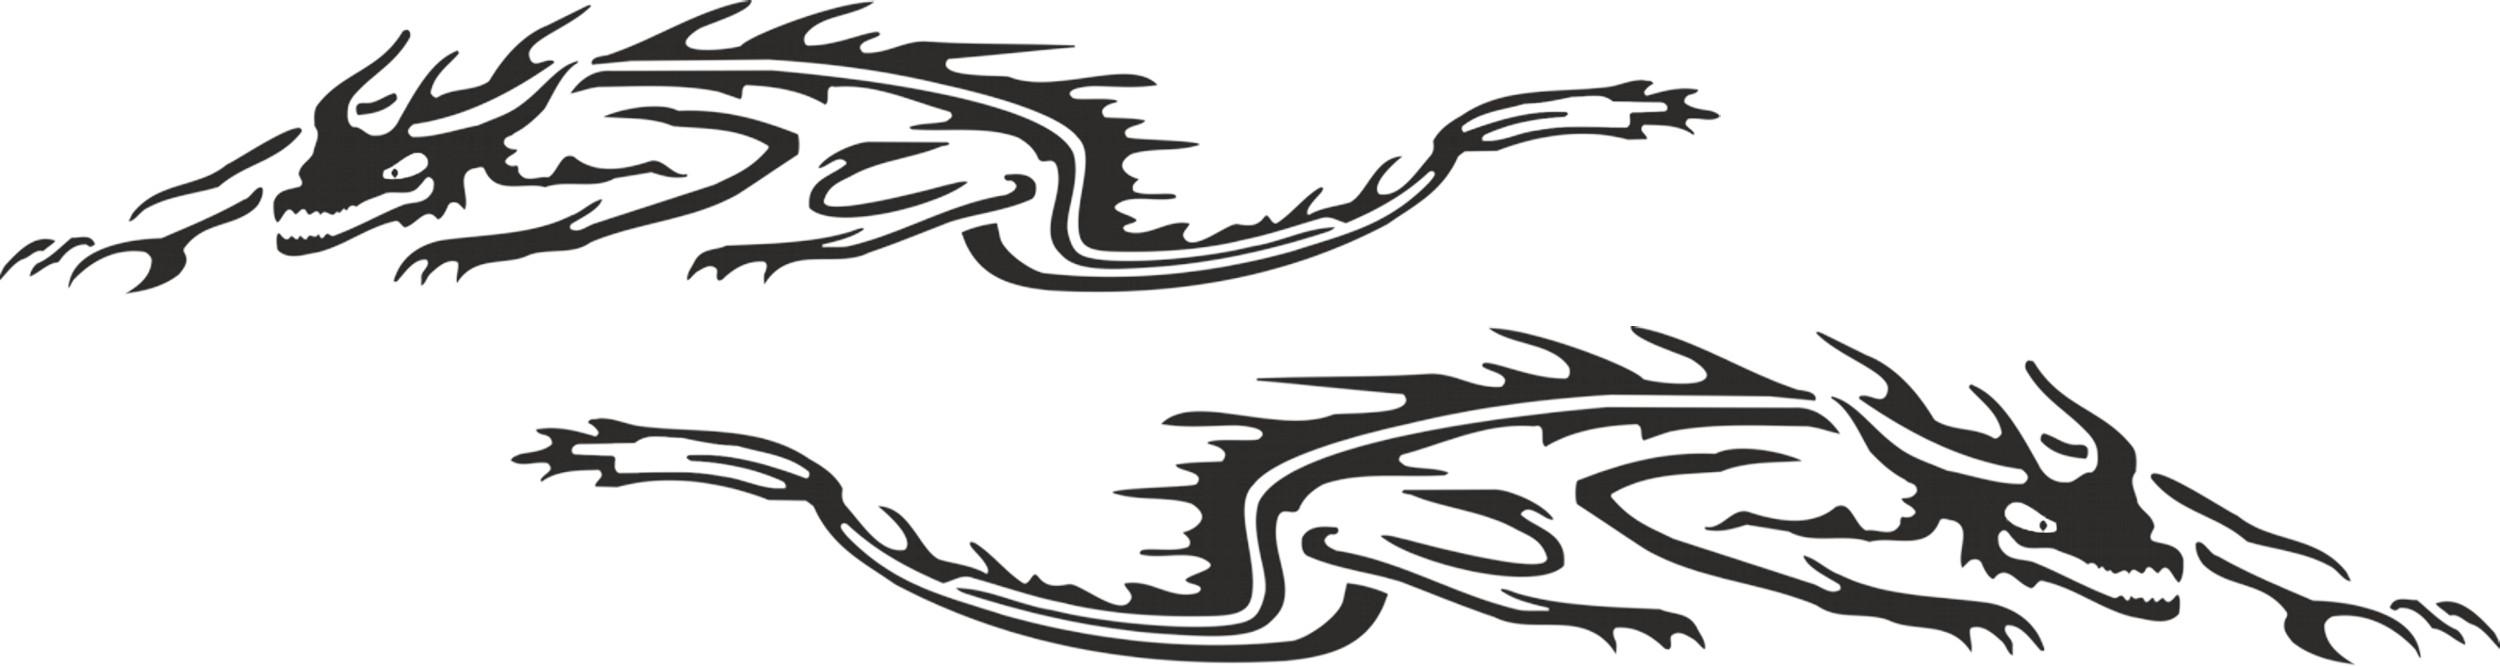 Car-tattoo tigerdragon black – Bild 1